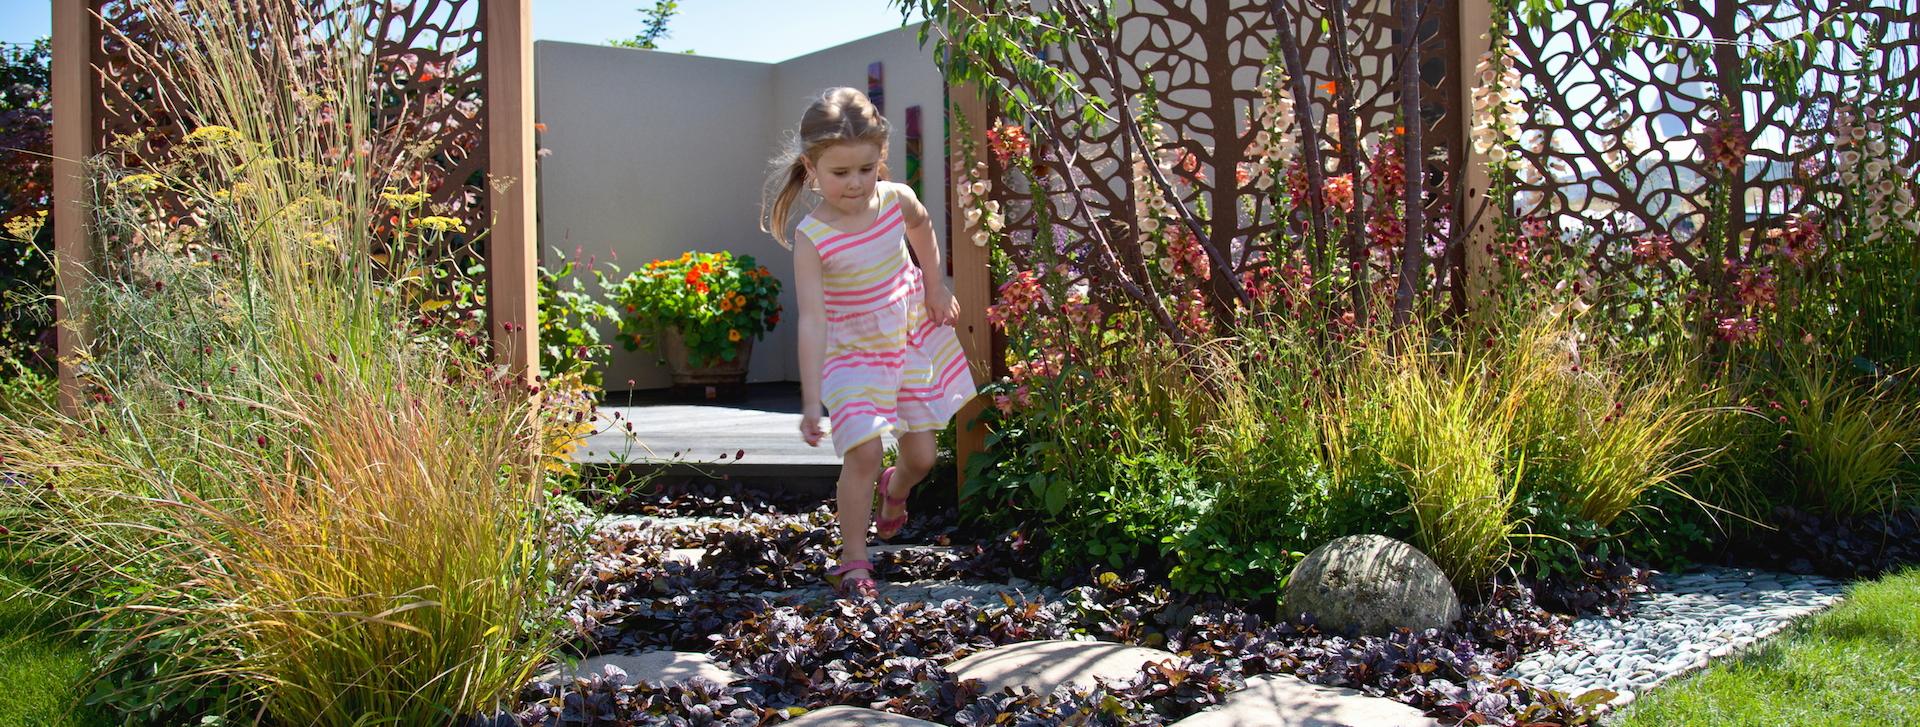 Creating garden landscapes to nurture & inspire